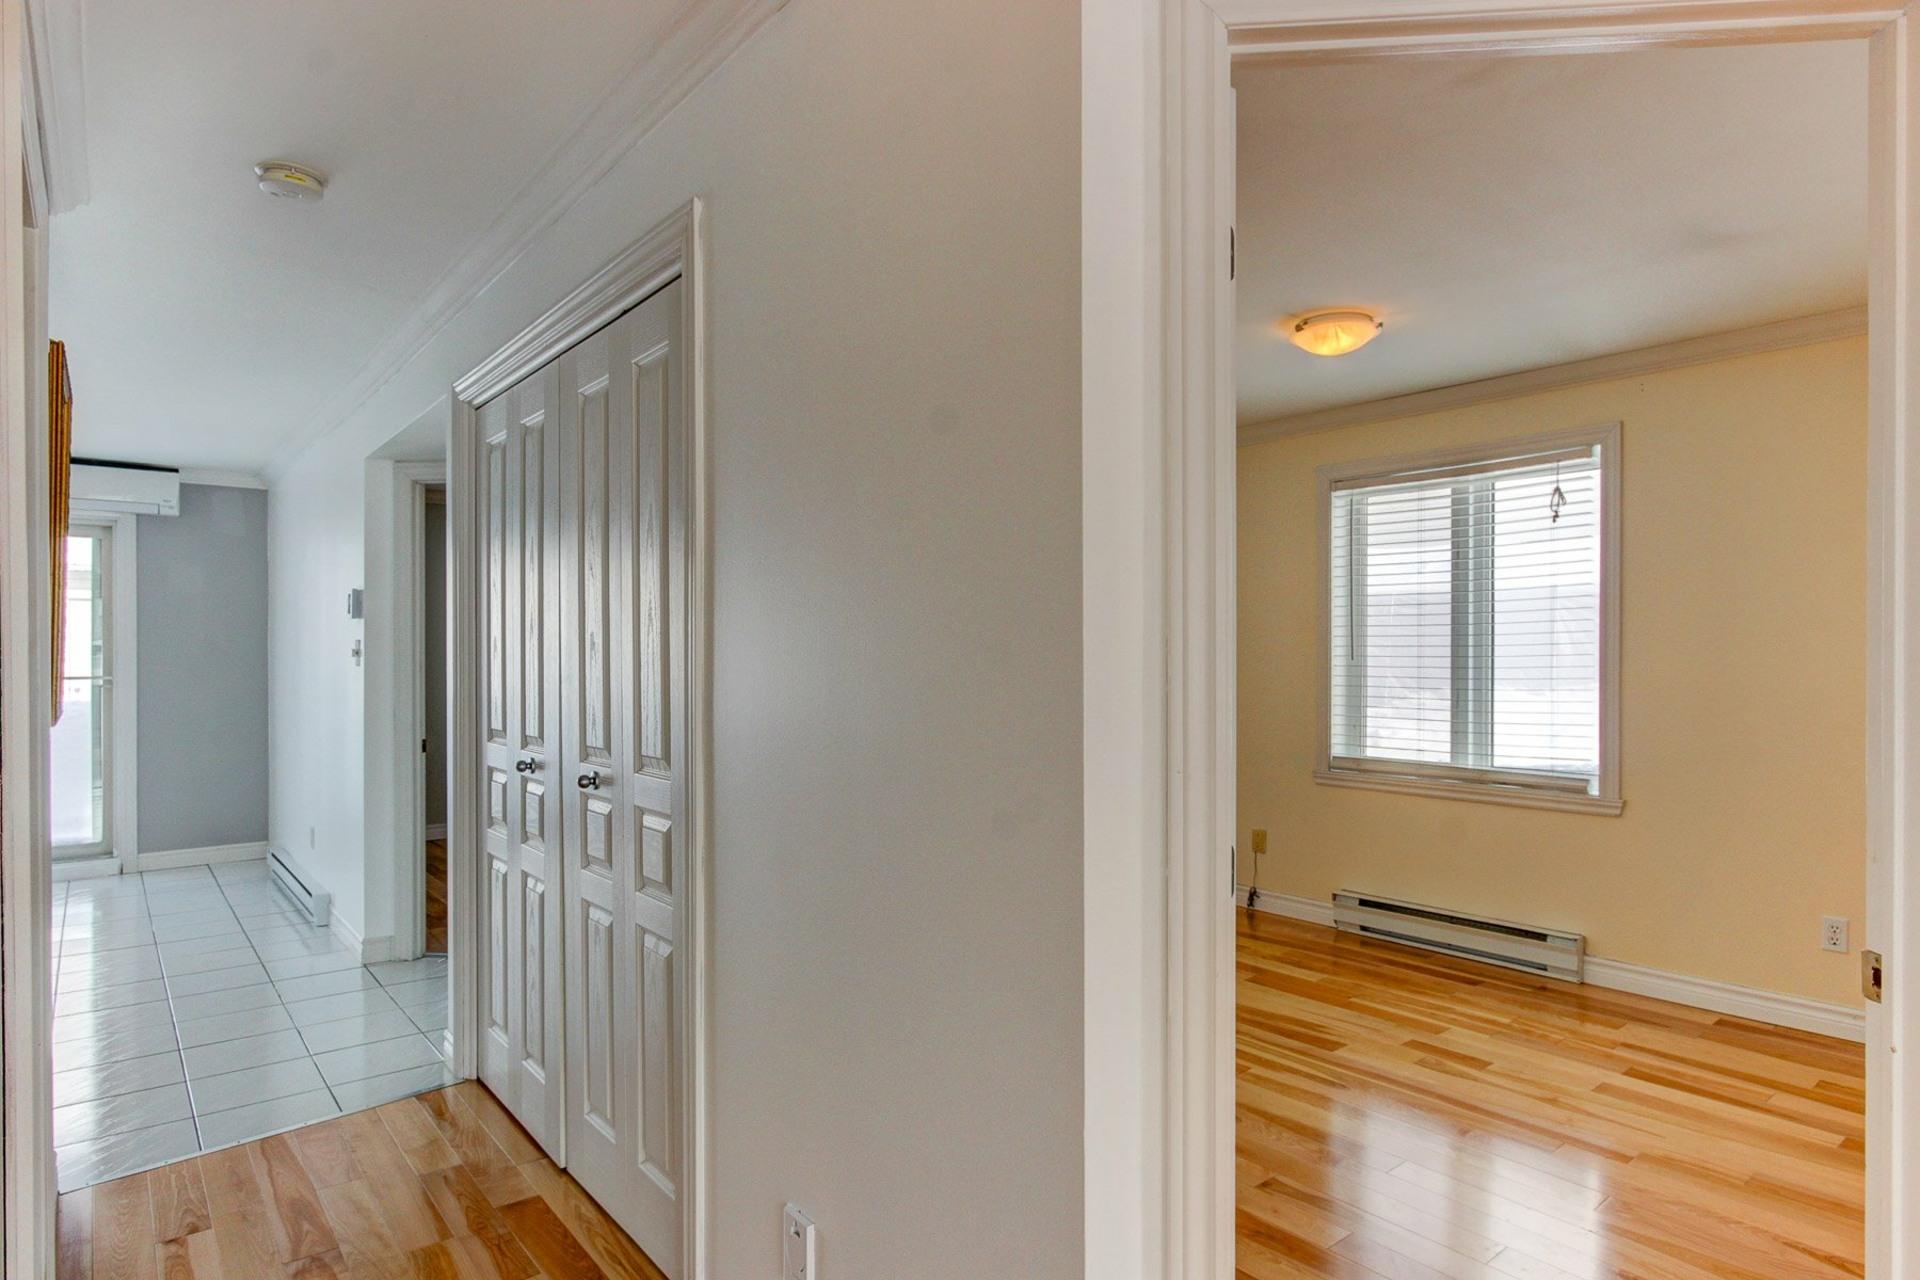 image 8 - Apartment For sale Trois-Rivières - 6 rooms